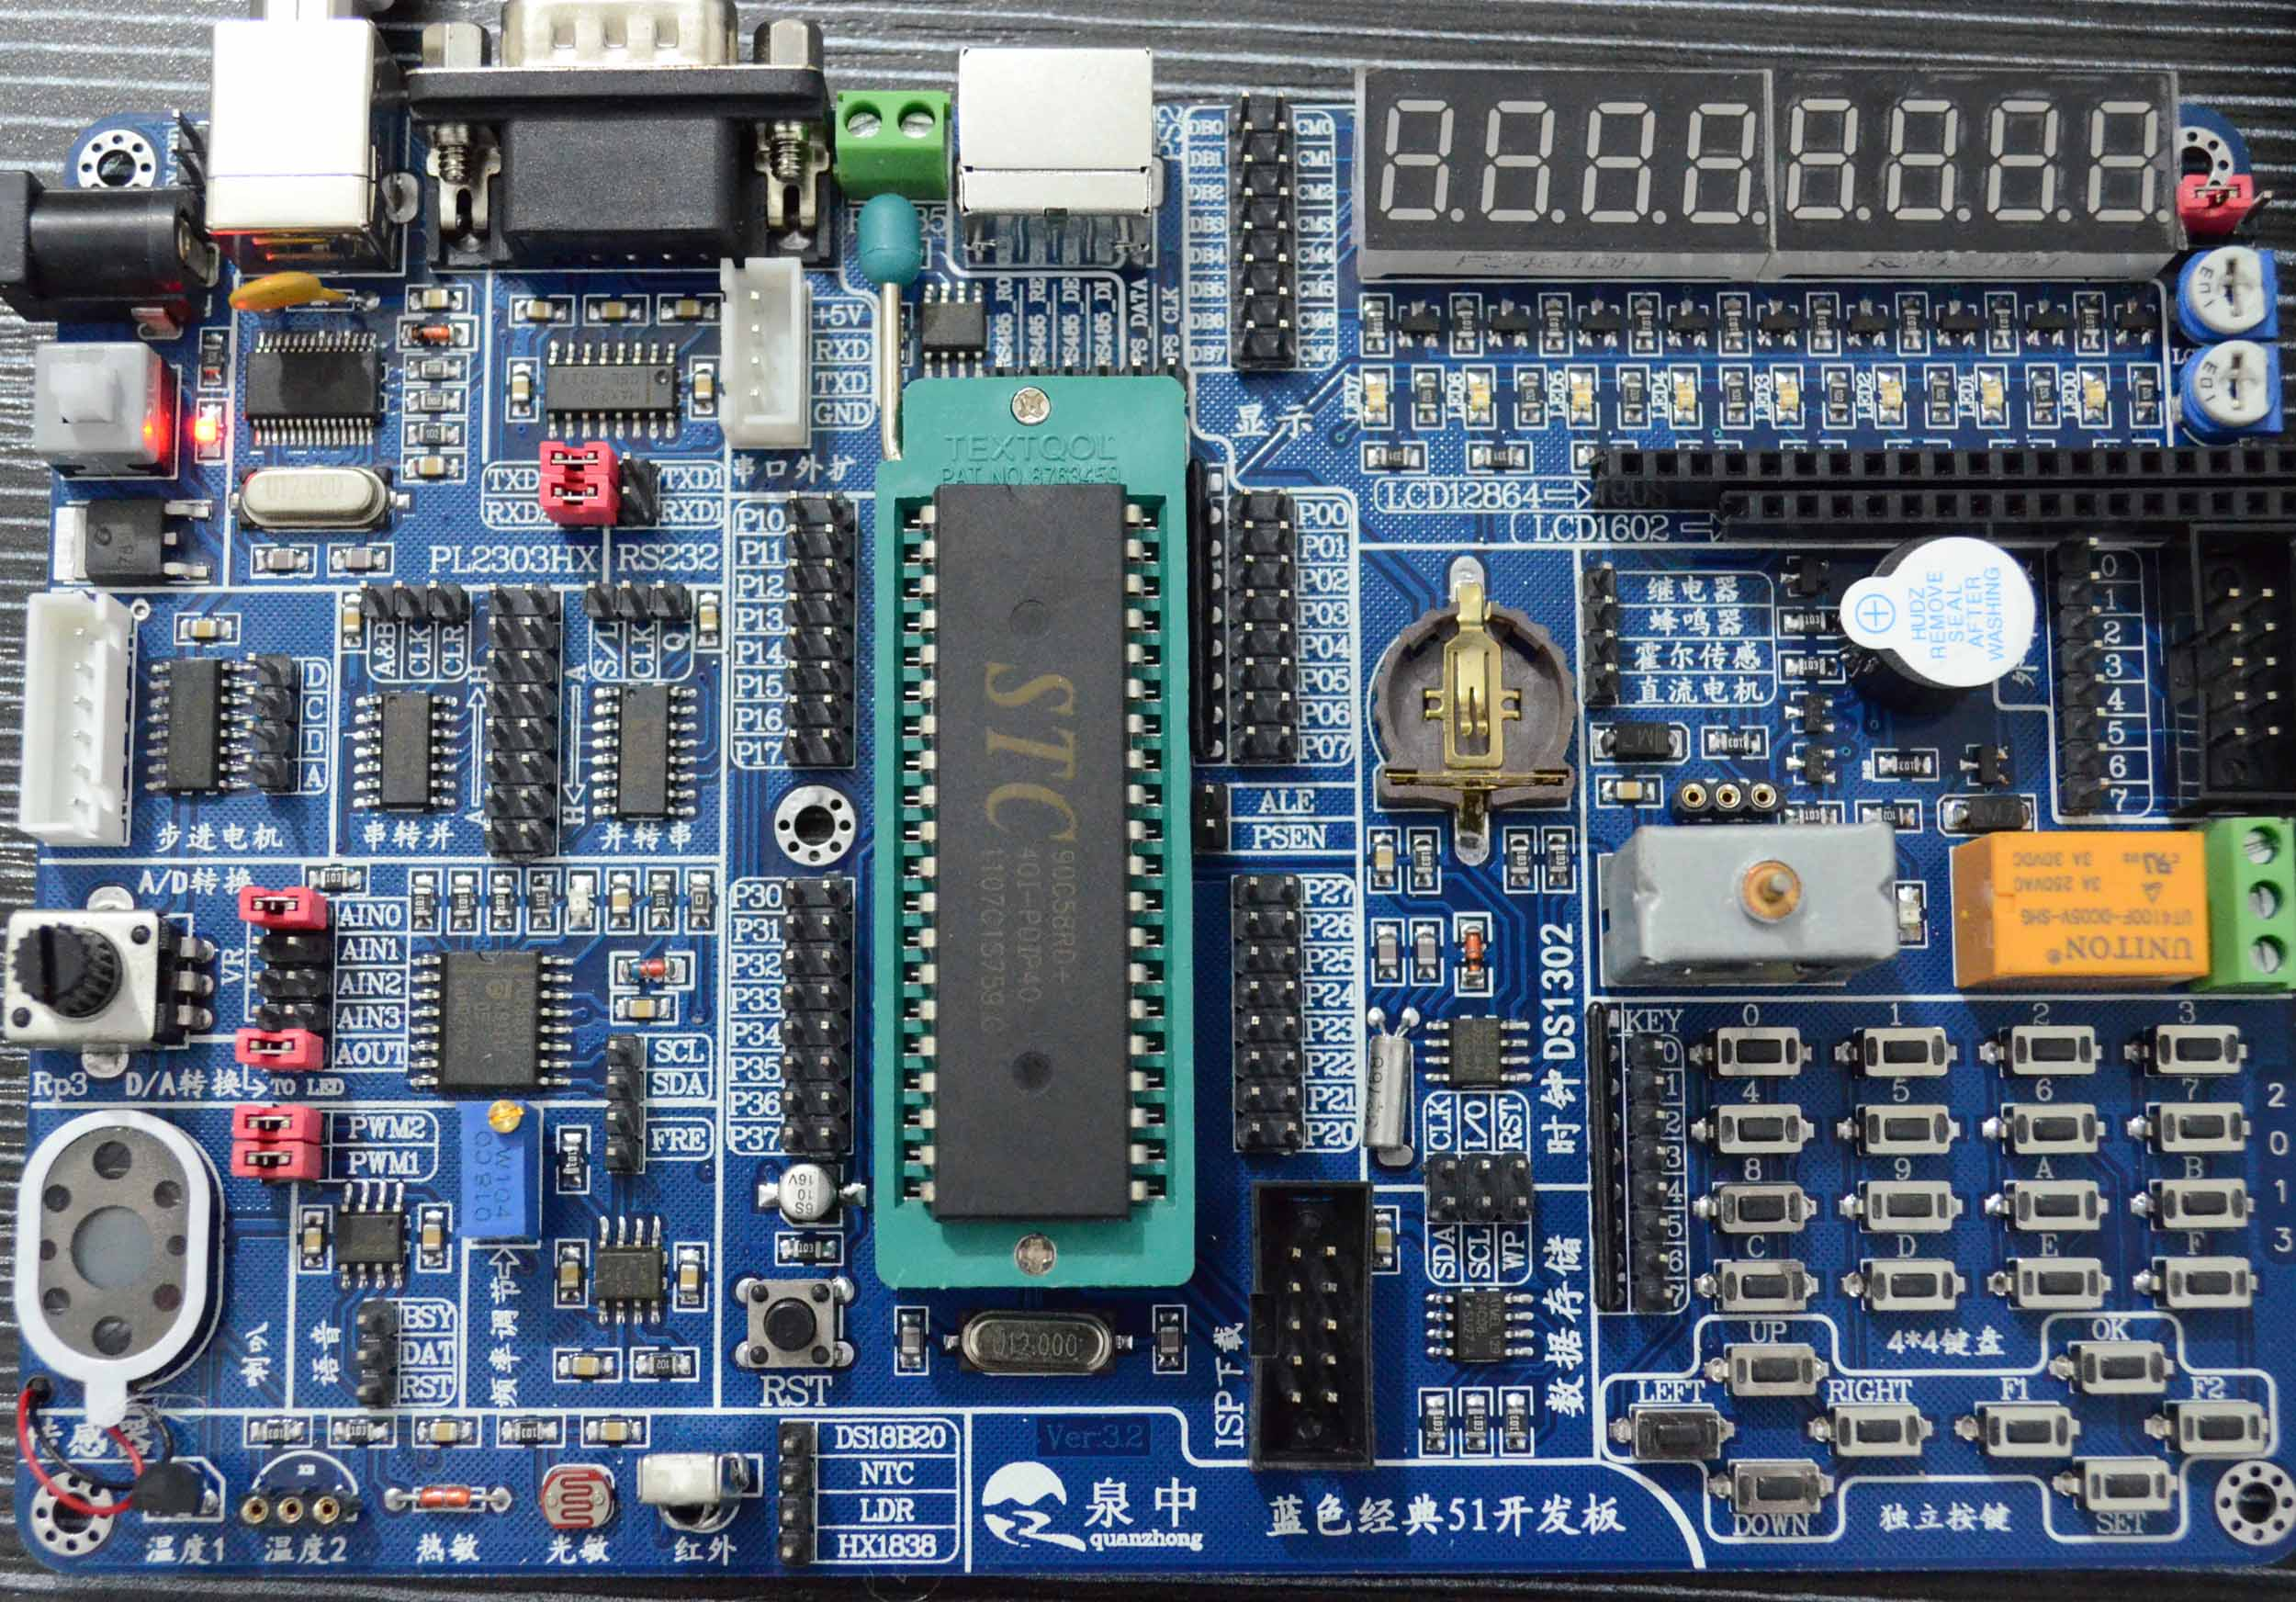 51单片机开发板_mcs-51单片机 开发板 学习板 实验板 蓝色经典 stc 实用 usb下载